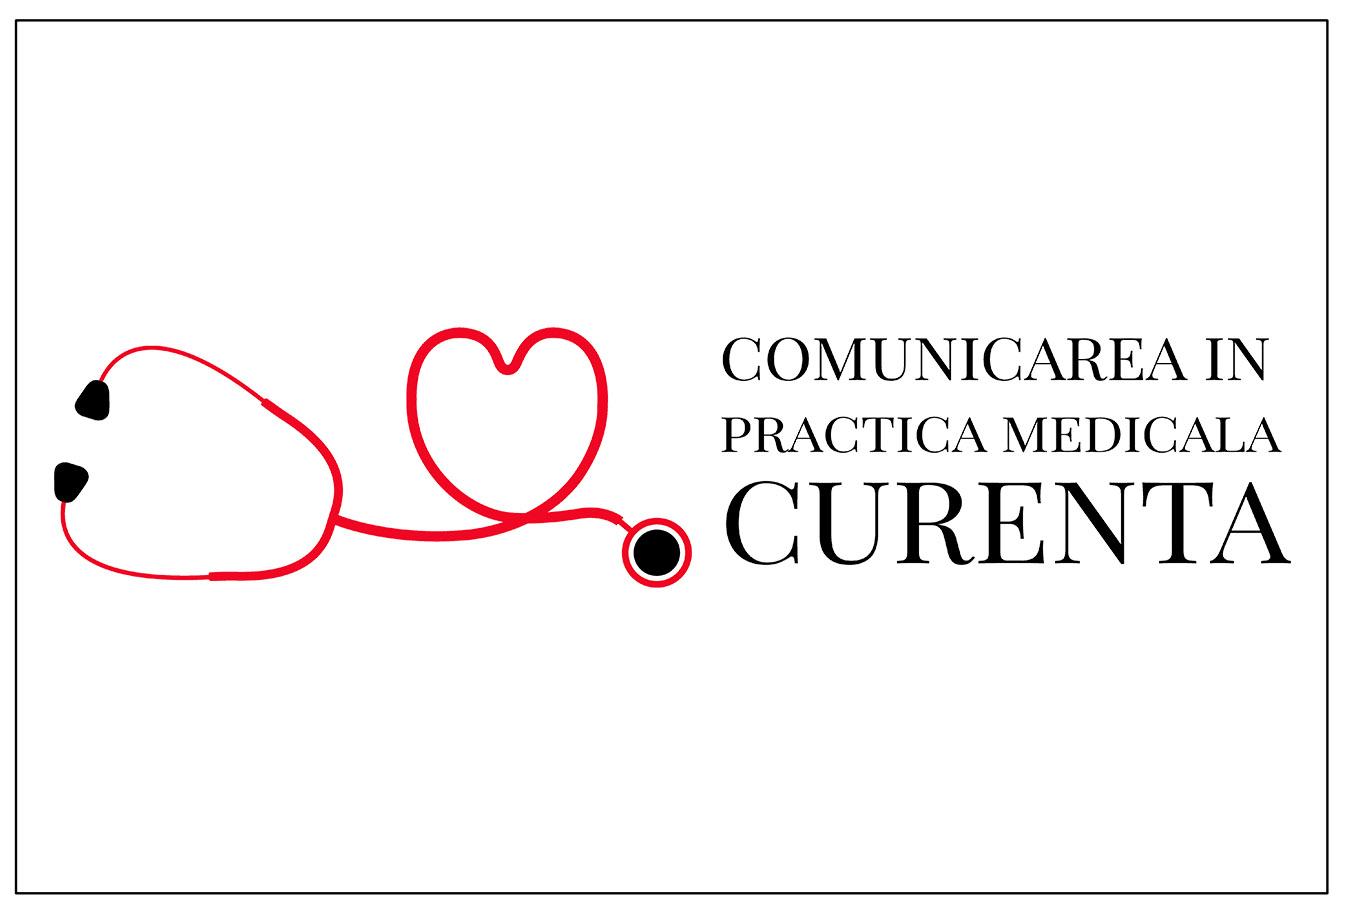 Comunicarea in practica curenta 2